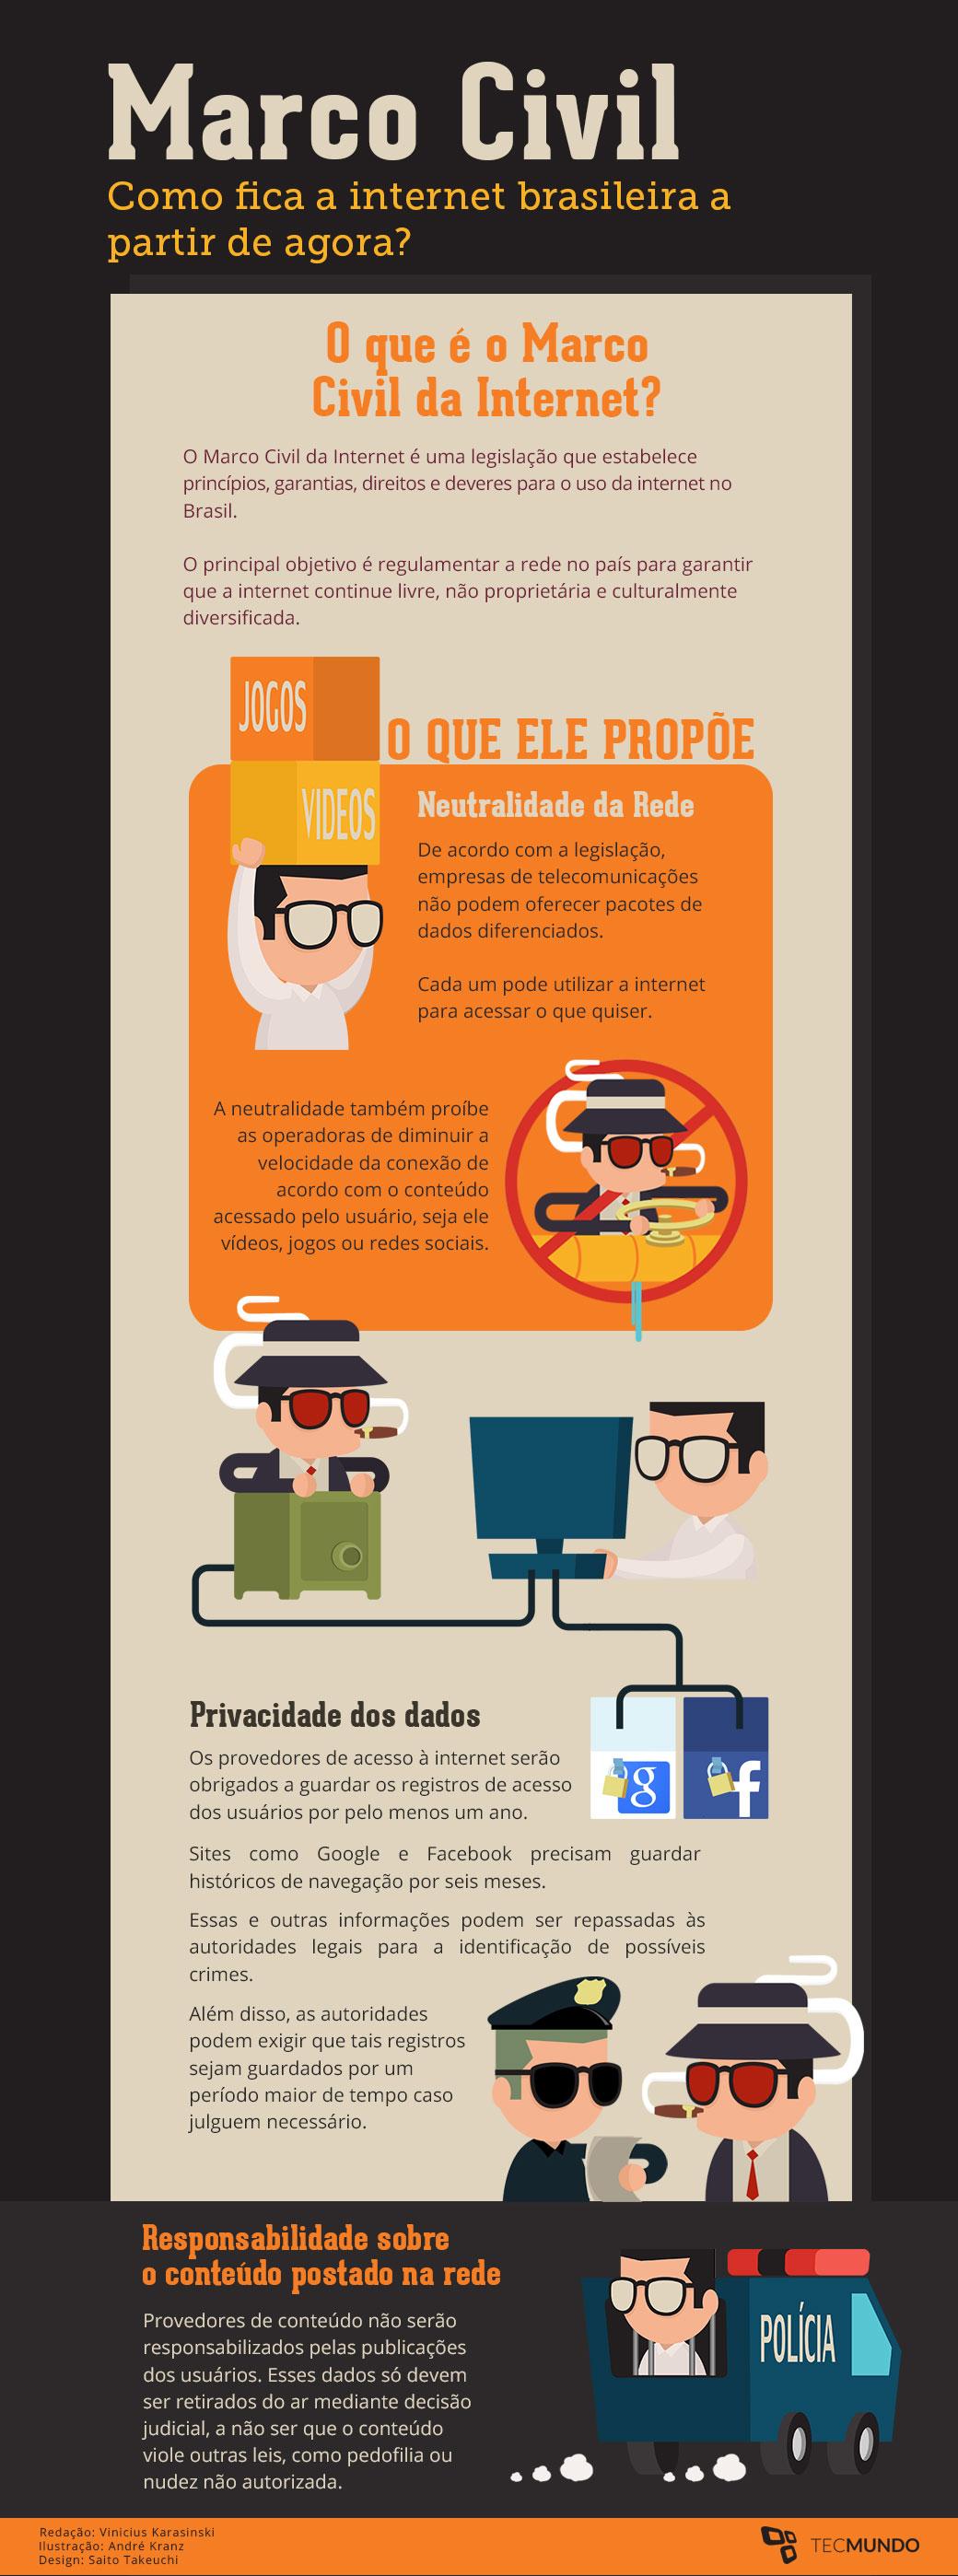 Como fica a internet brasileira com a aprovação do Marco Civil da Internet?